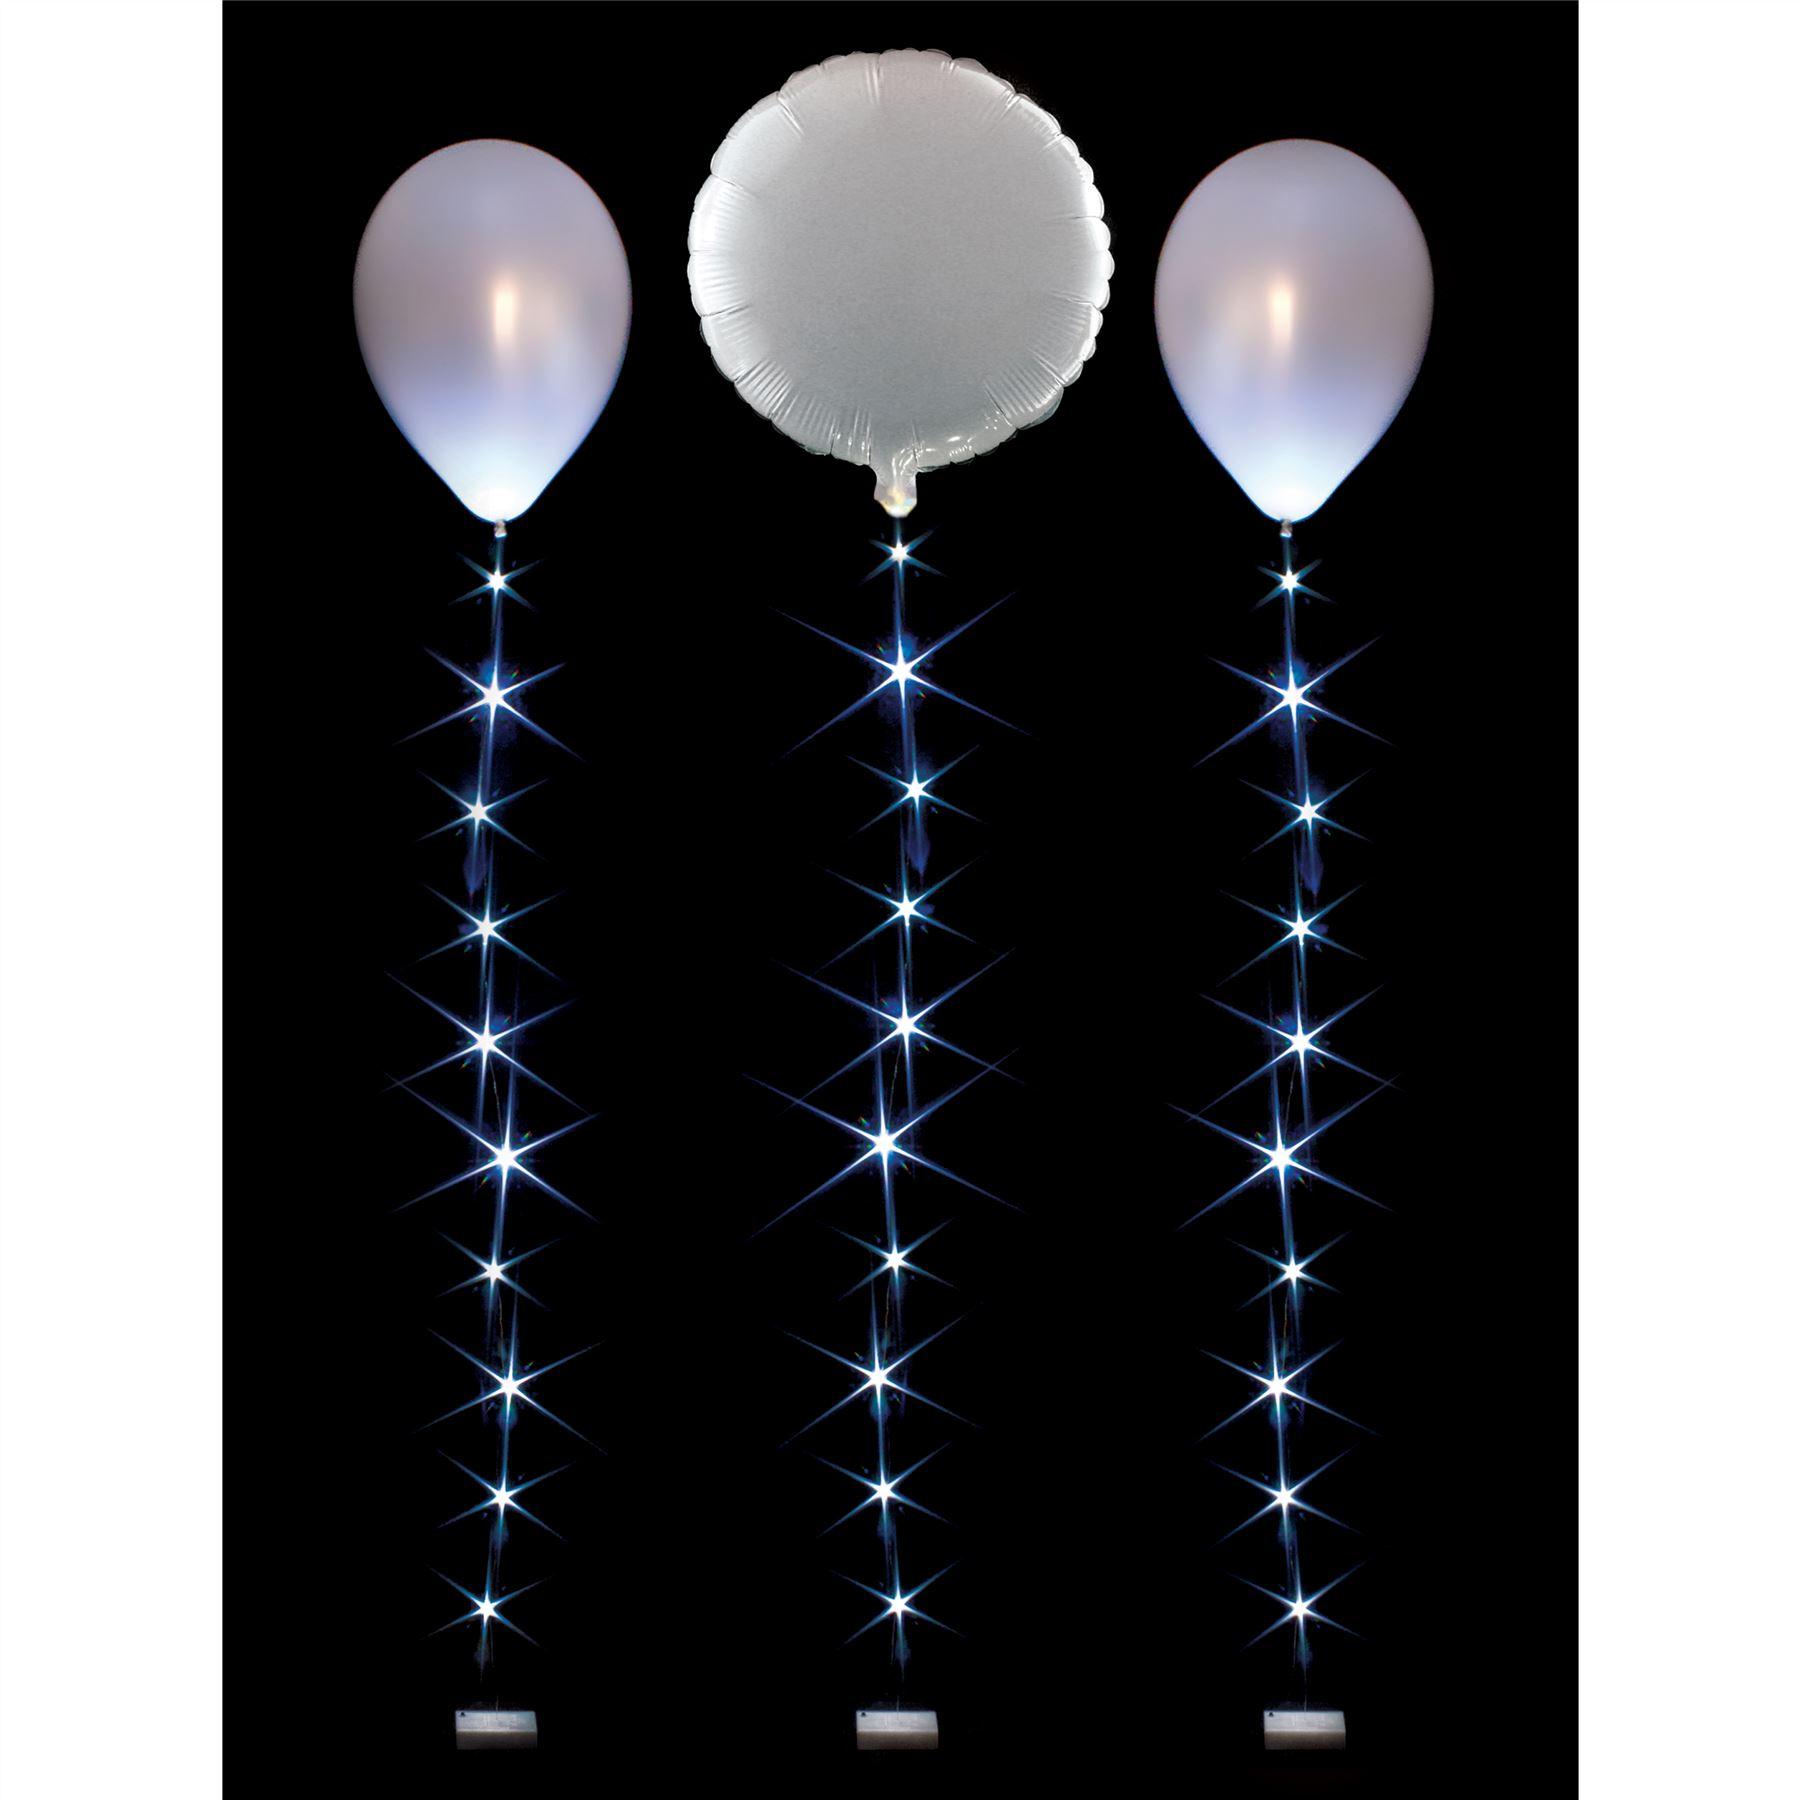 ef9d9ded-d73b-472e-b409-ab290463f4d2 Luxus Ballon Mit Led Licht Dekorationen